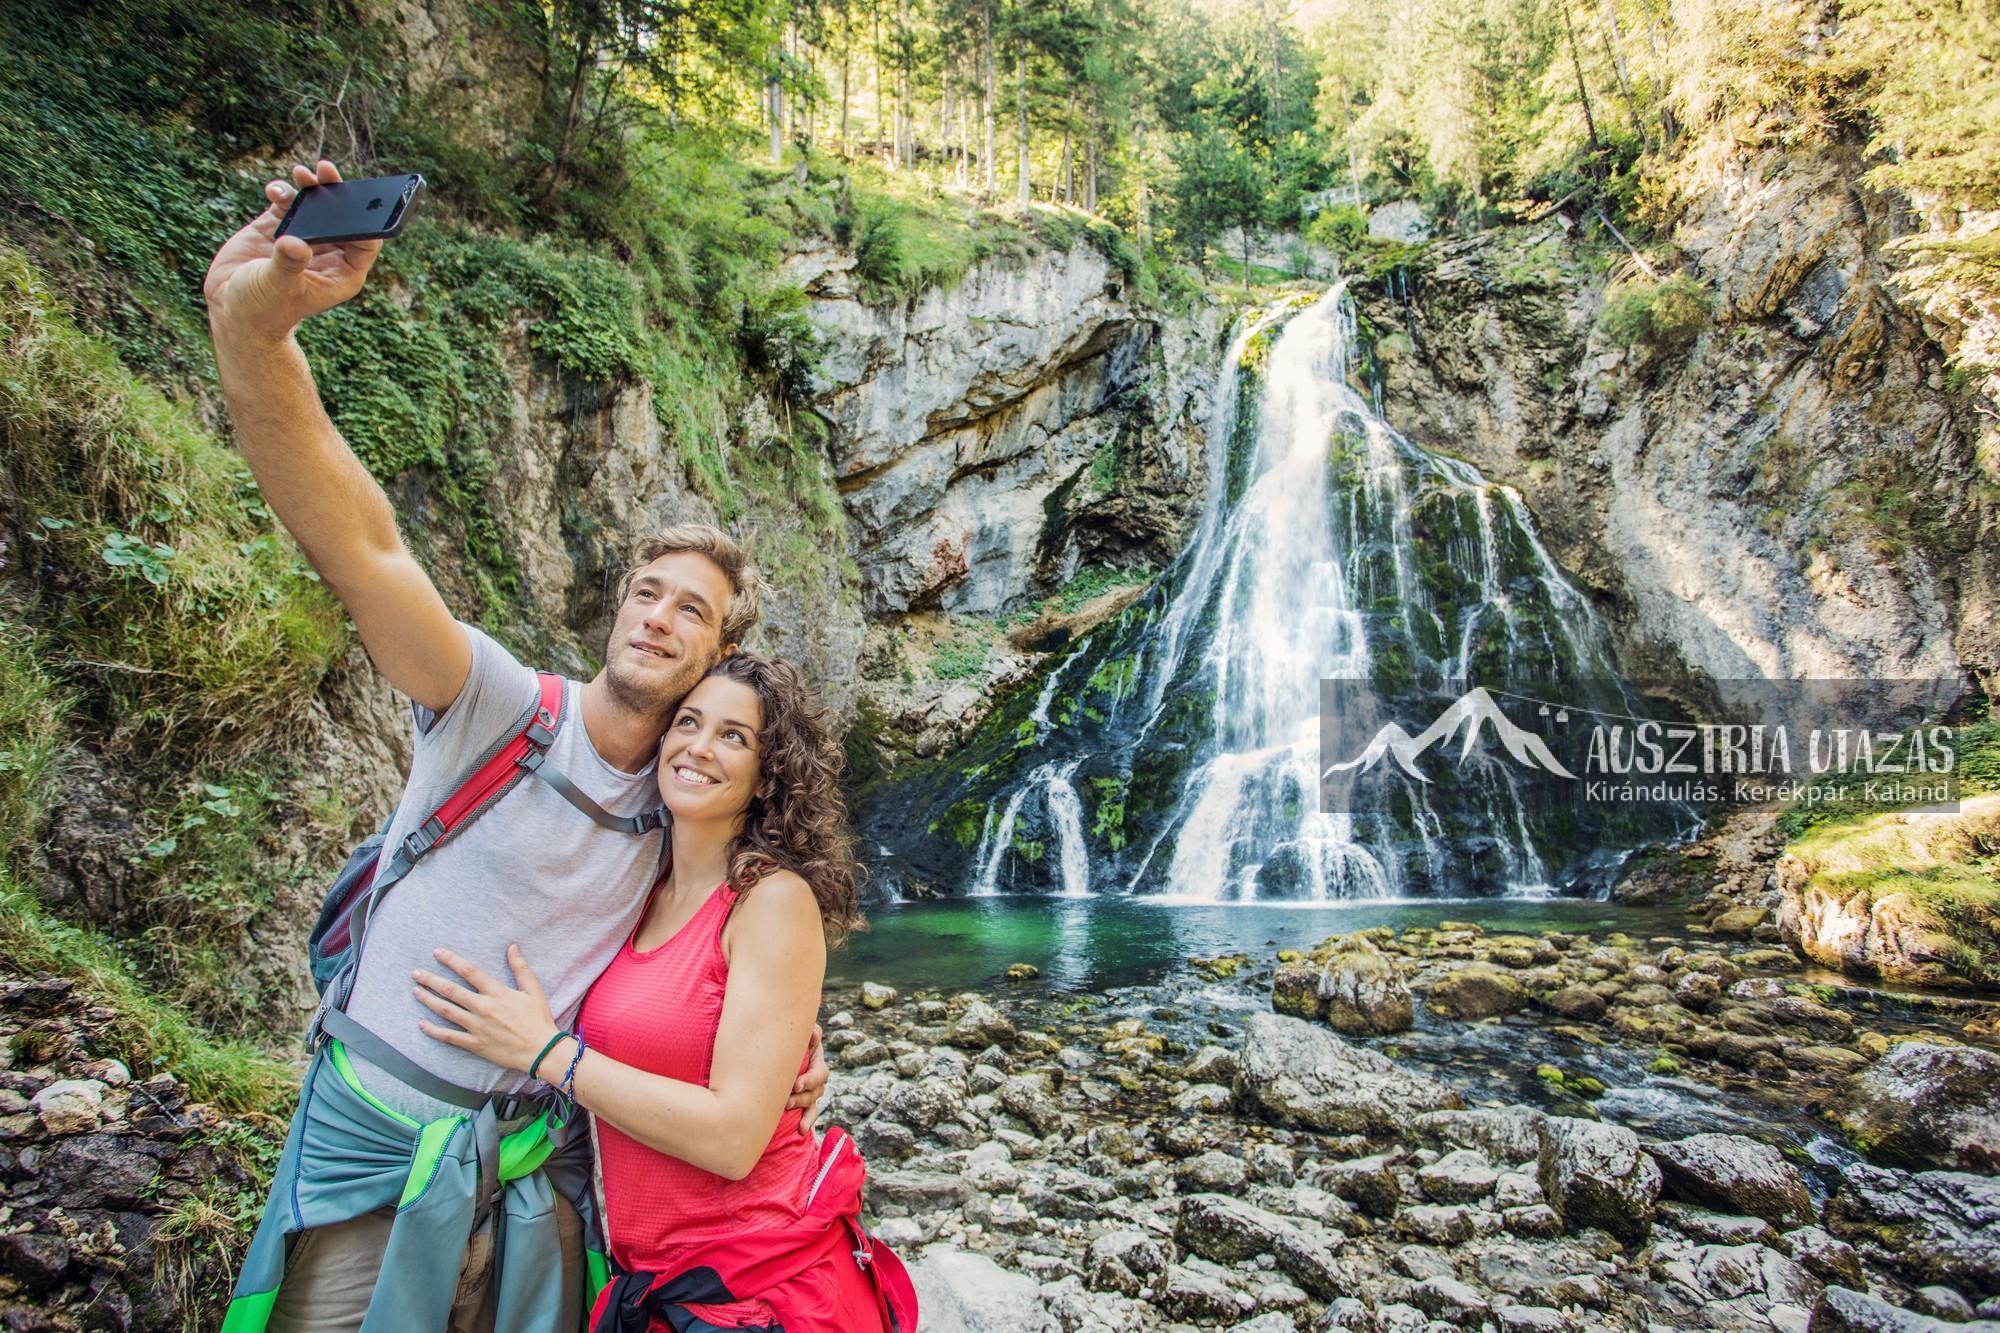 Golling vízesés selfie